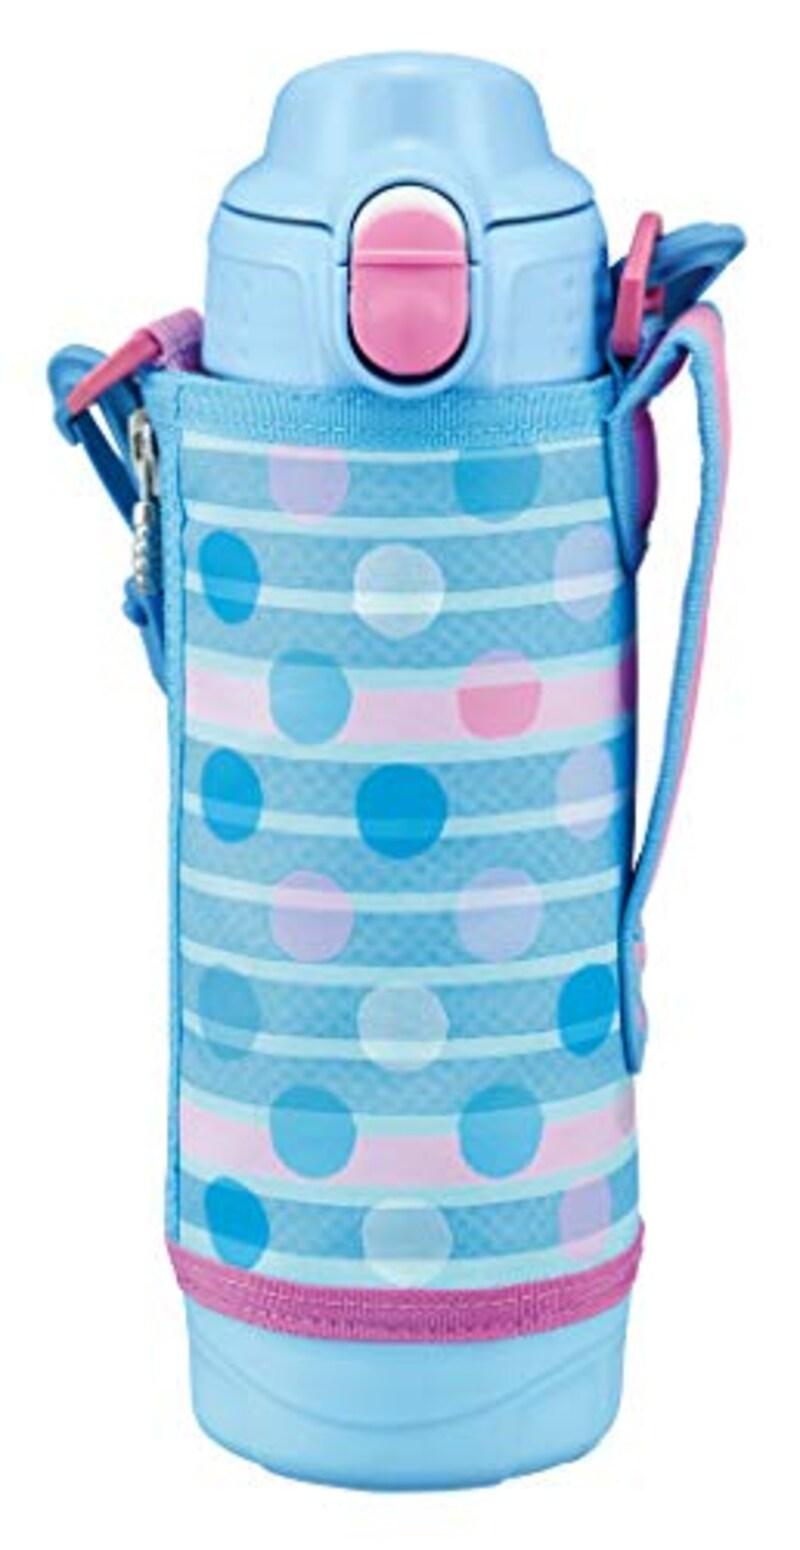 タイガー魔法瓶(TIGER),水筒 500ml サハラ ステンレスボトル 2WAY ブルードット,MBO-H050AT